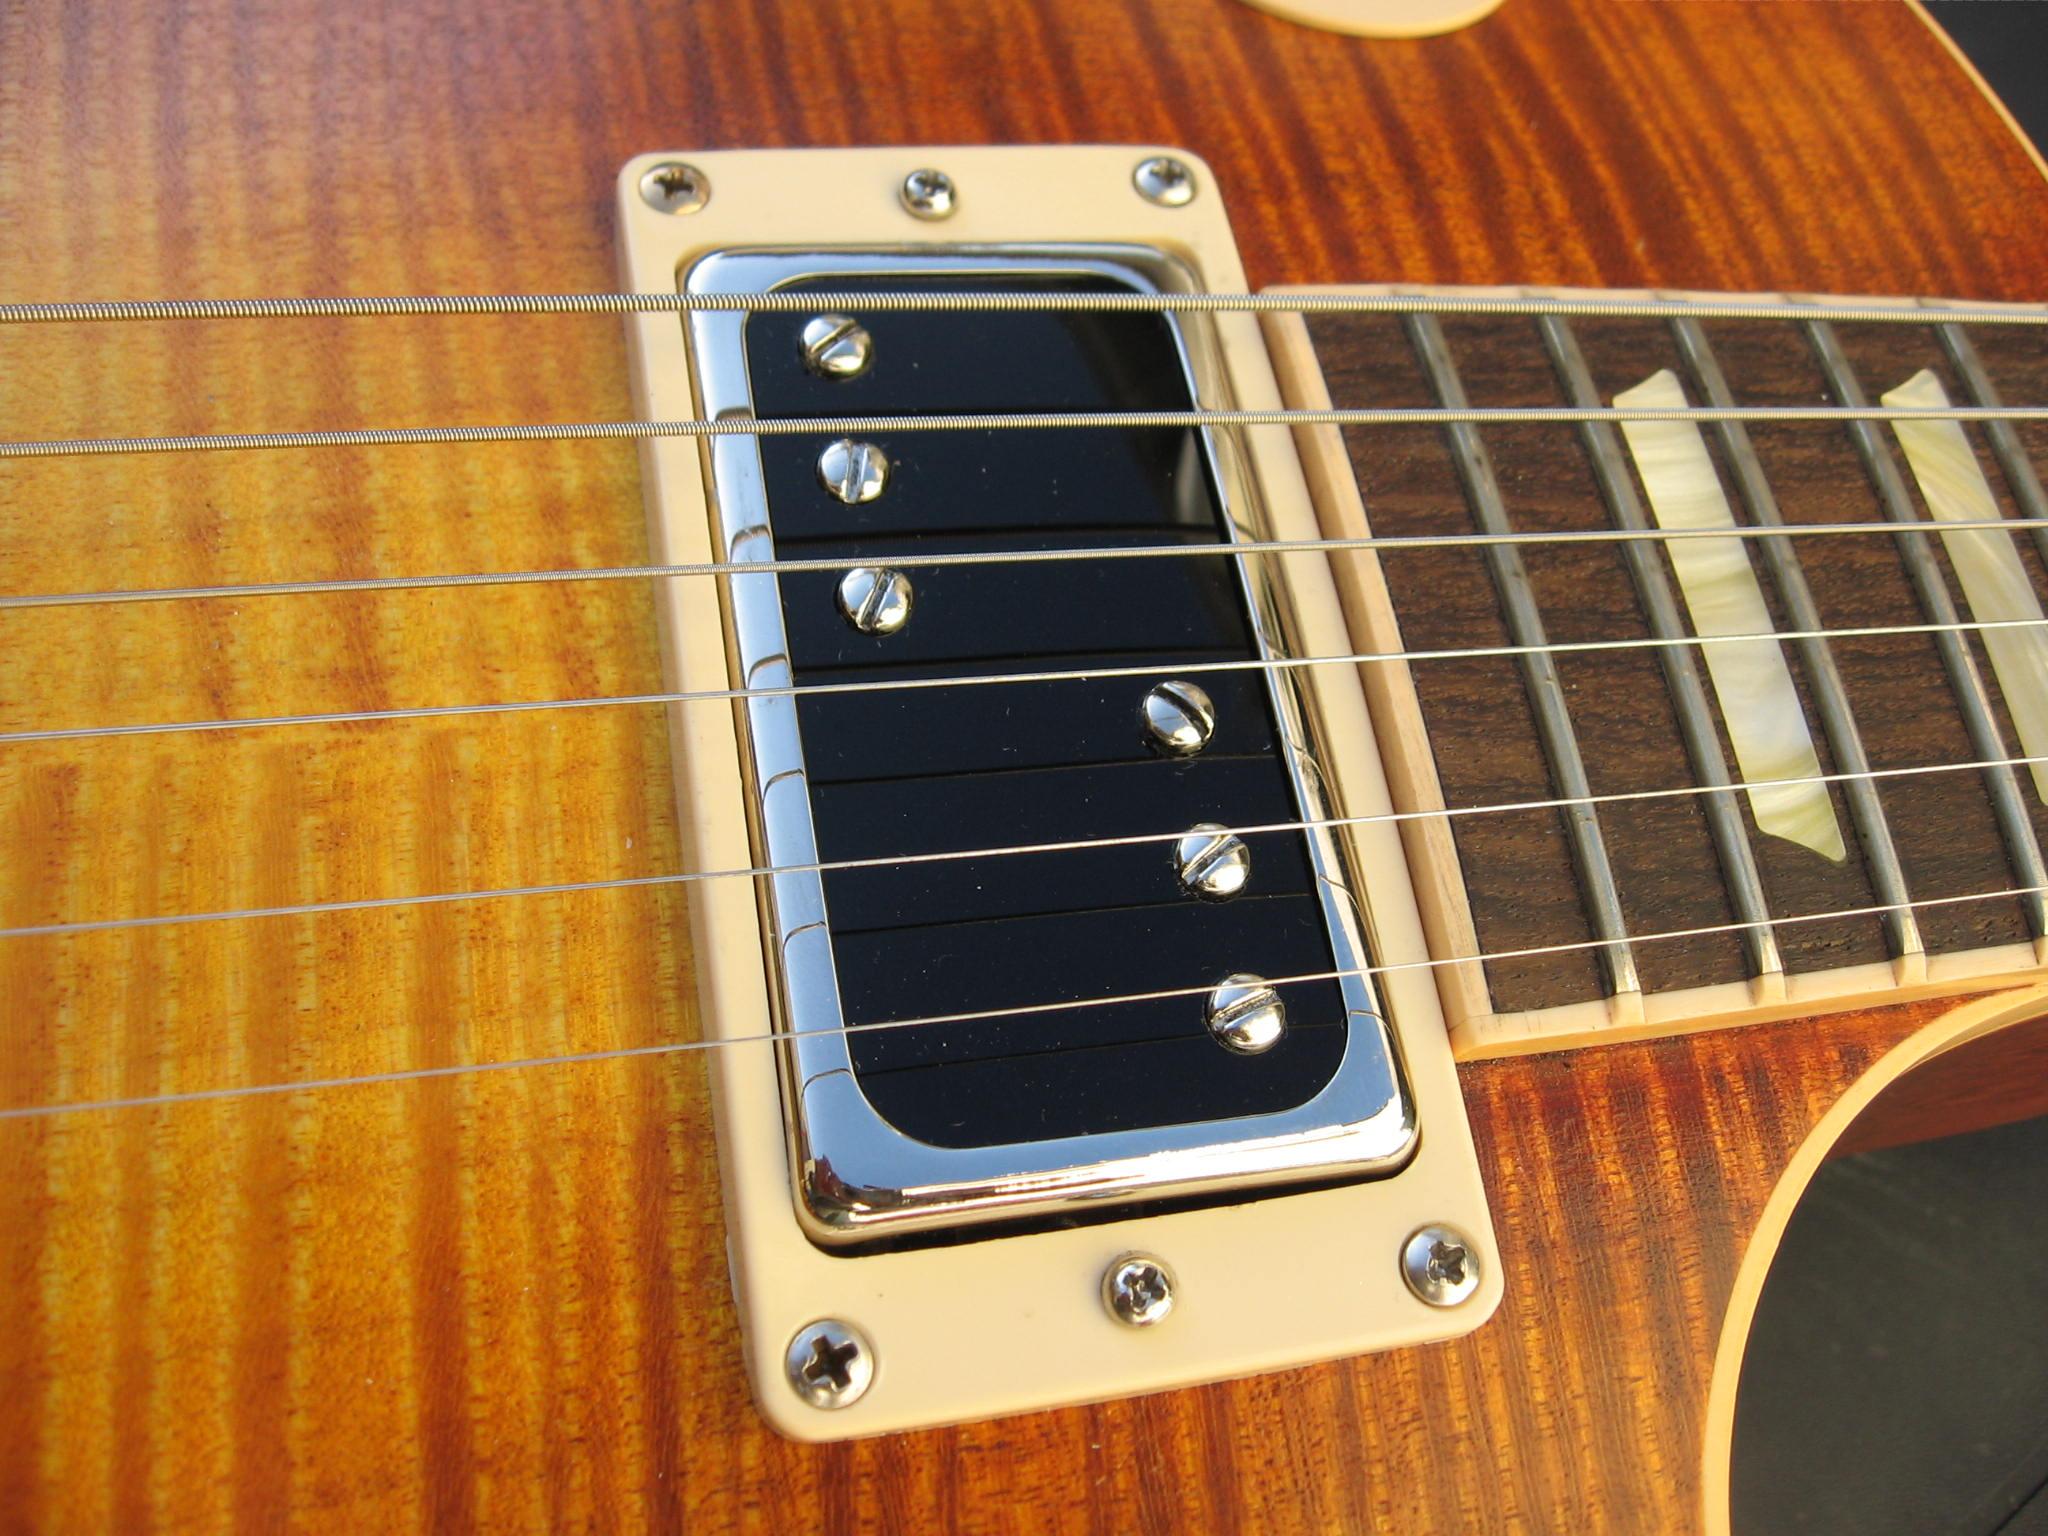 Ziemlich Eine Humbucker Gitarre Galerie - Schaltplan Serie Circuit ...